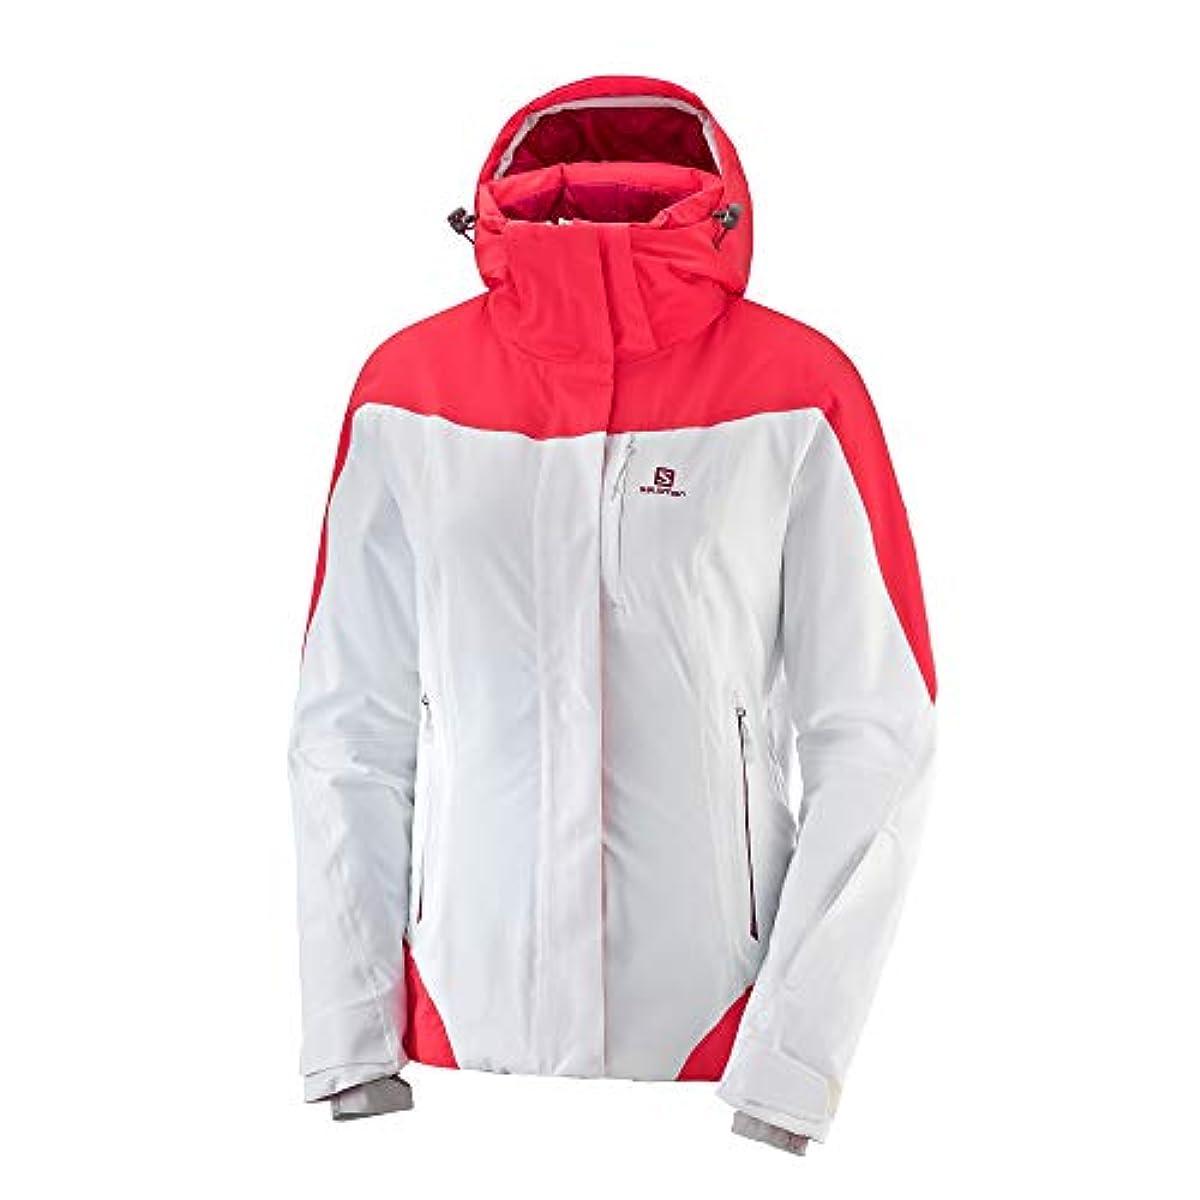 [해외] 살로몬SALOMON 스키 웨어 레이디스 재킷 ICEROCKET JACKET WOMEN 아이스 로켓트 재킷 레이디스 2018-19년 모델 사이즈XS~M